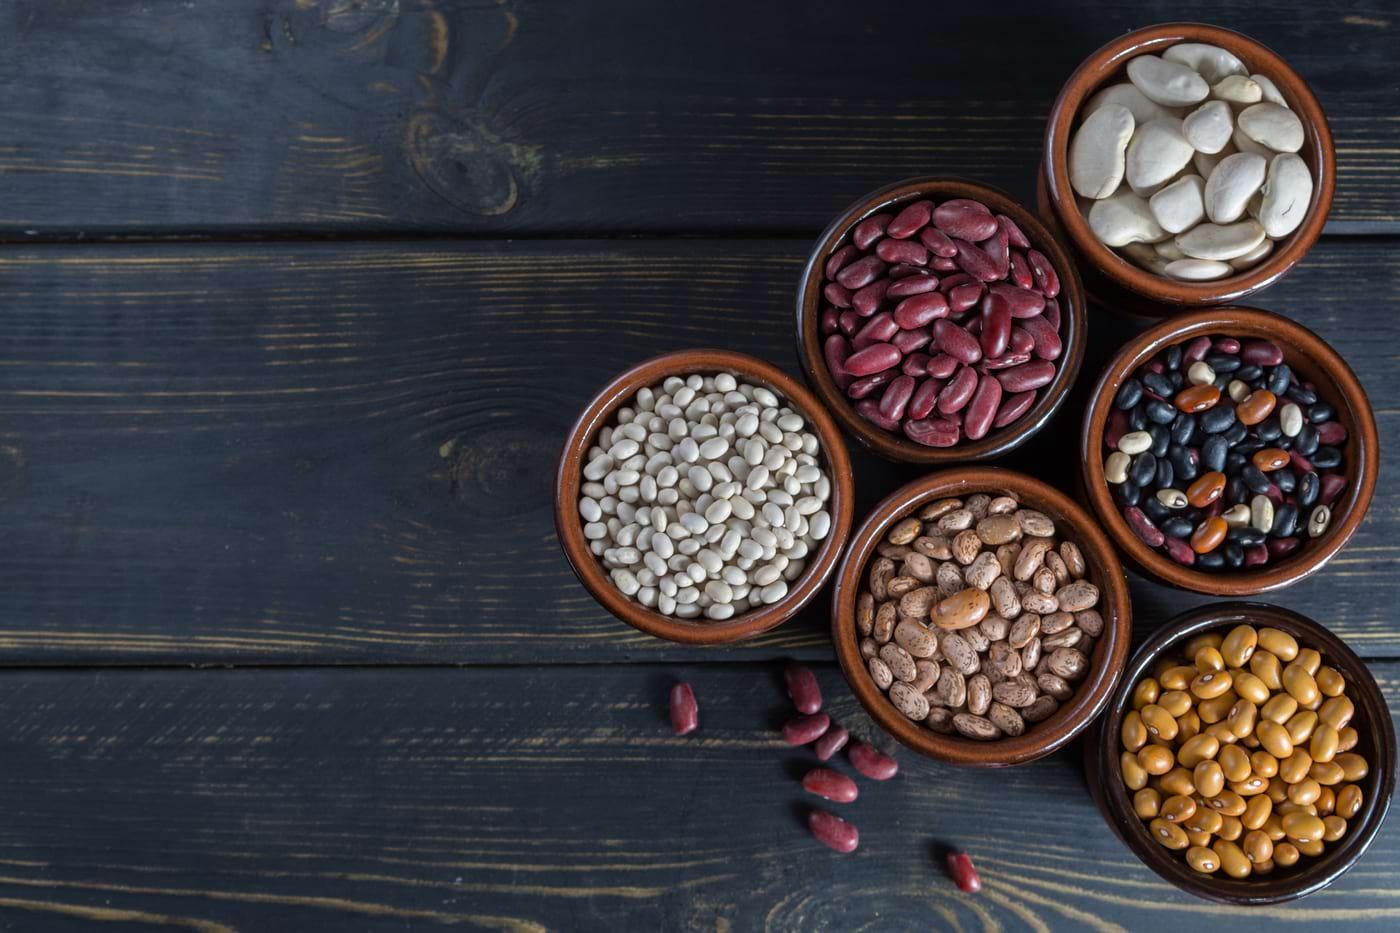 Ce sunt leguminoasele? Tipuri, beneficii, informații nutriționale, metode de gătit